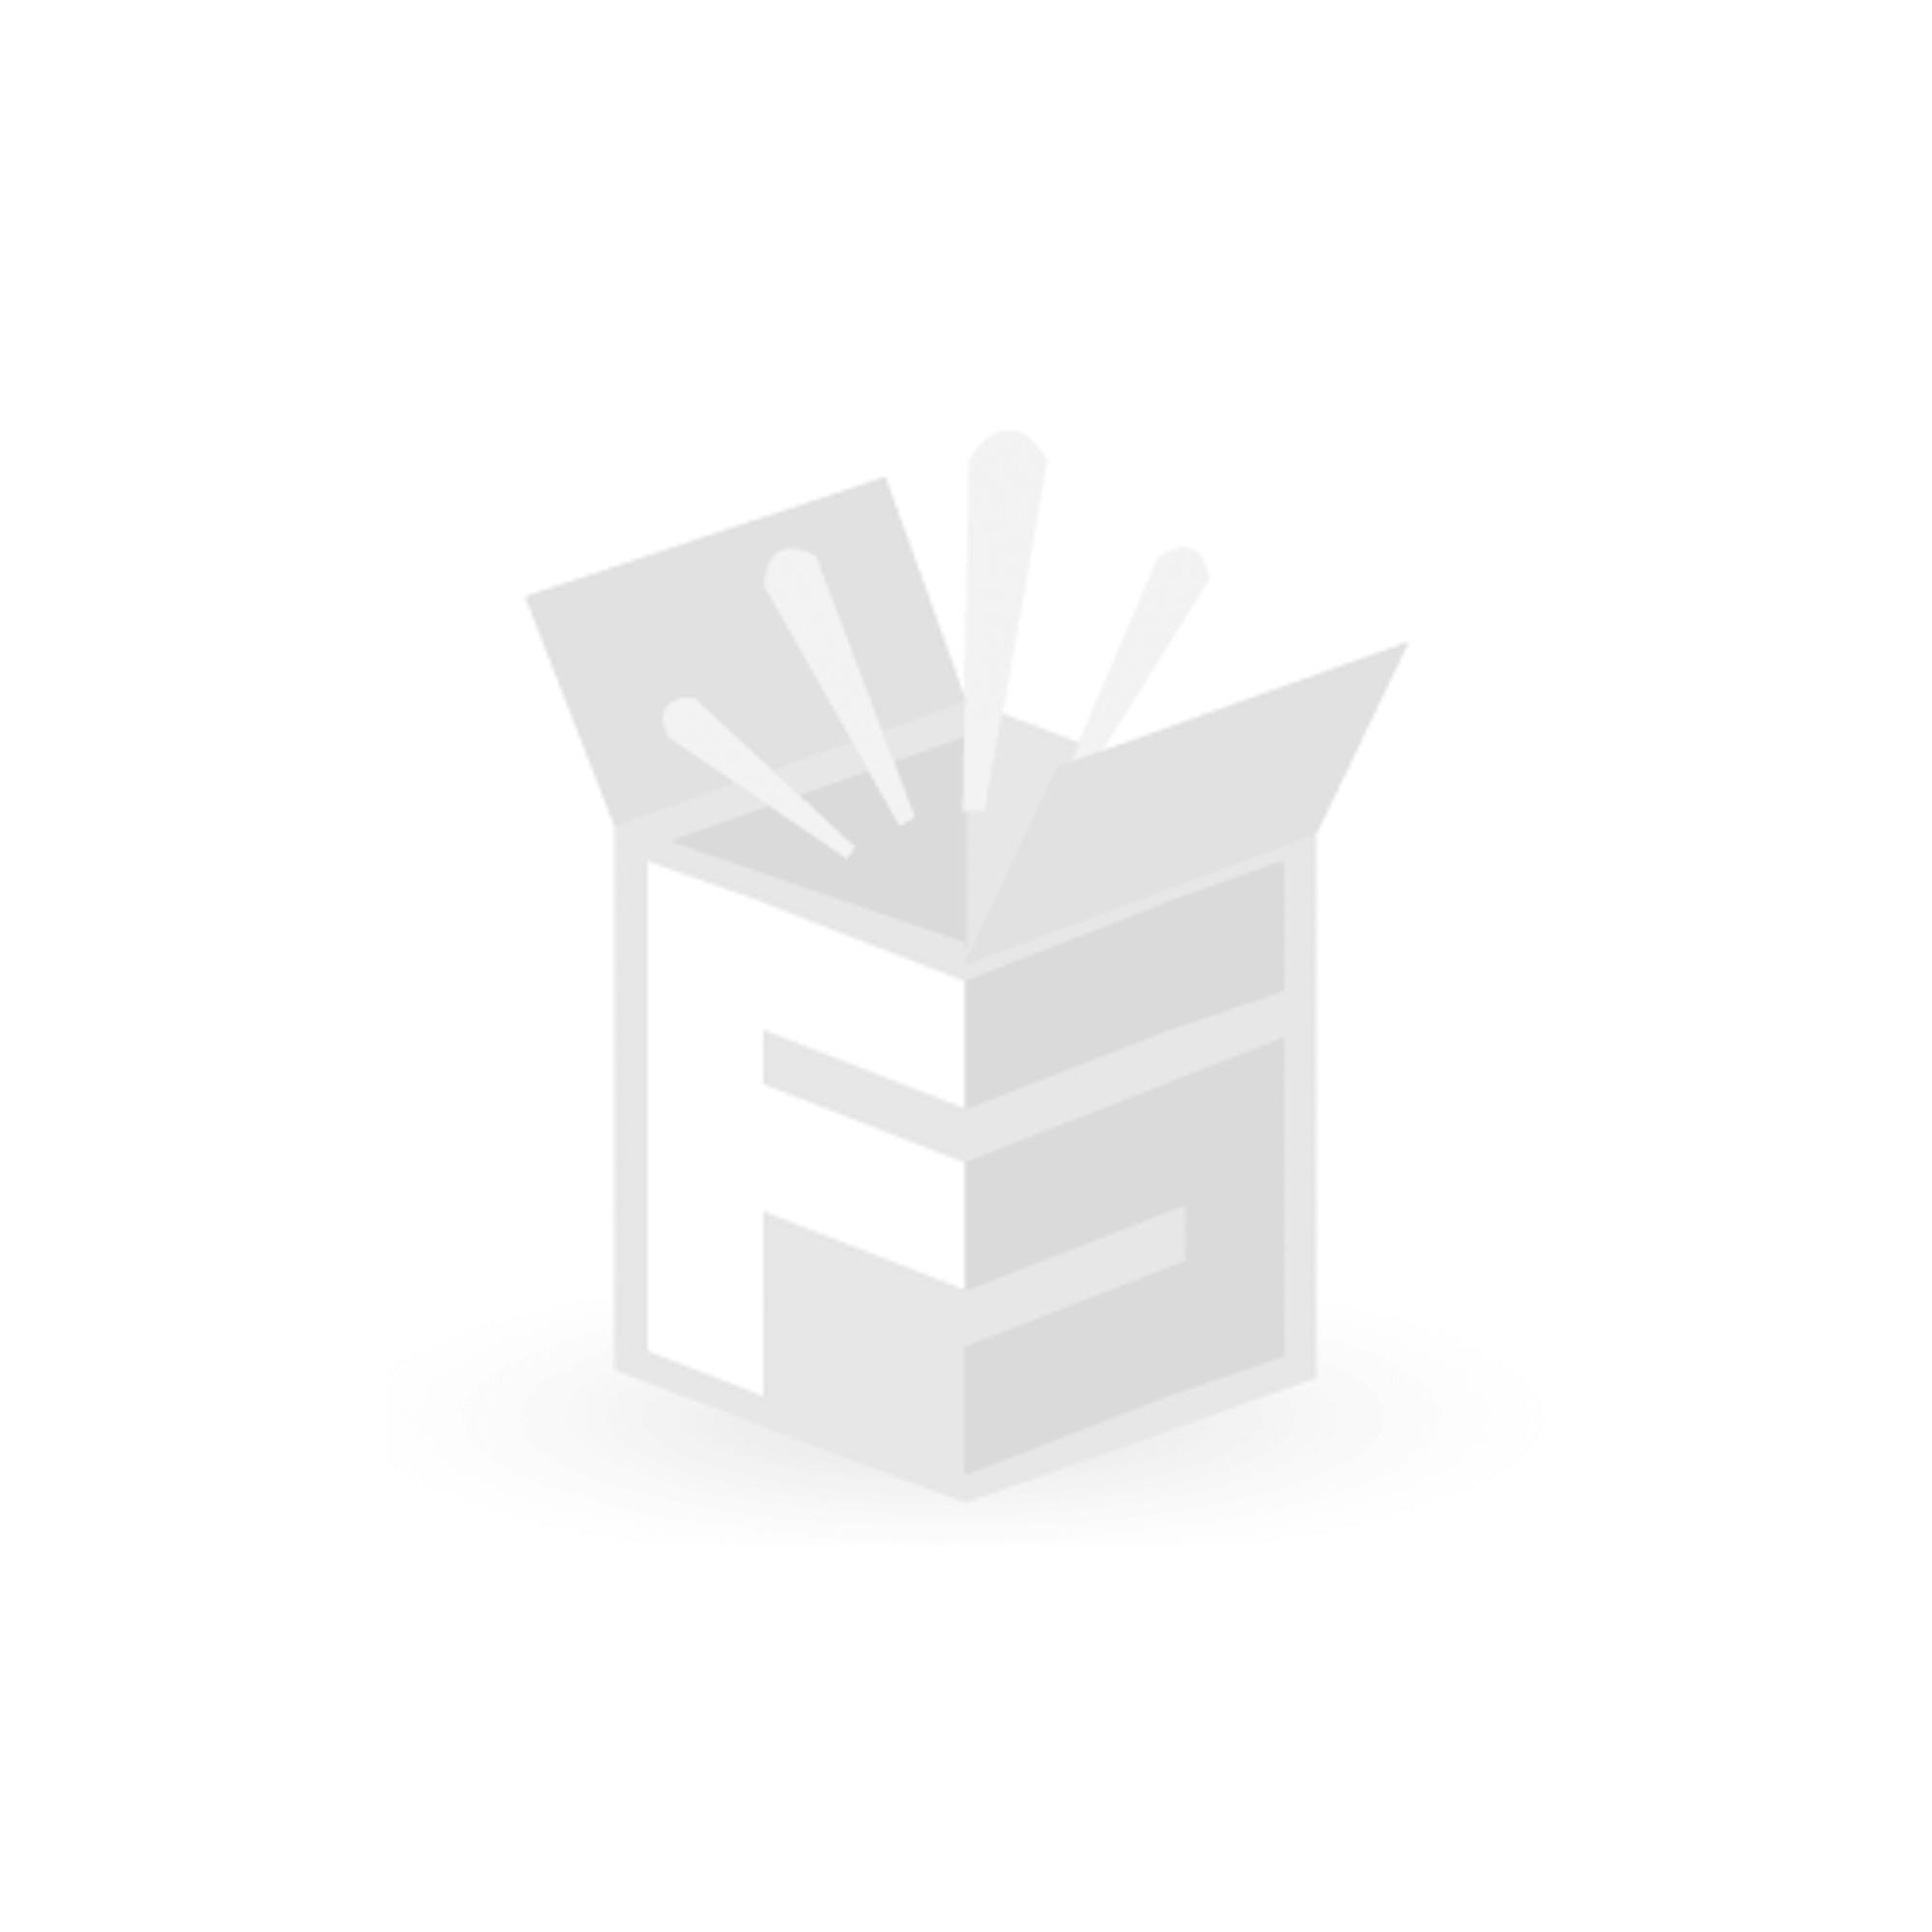 Tork weiches Kleinrollen Toilettenpapier Premium – 3-lagig 8 Rollen 250 Blatt